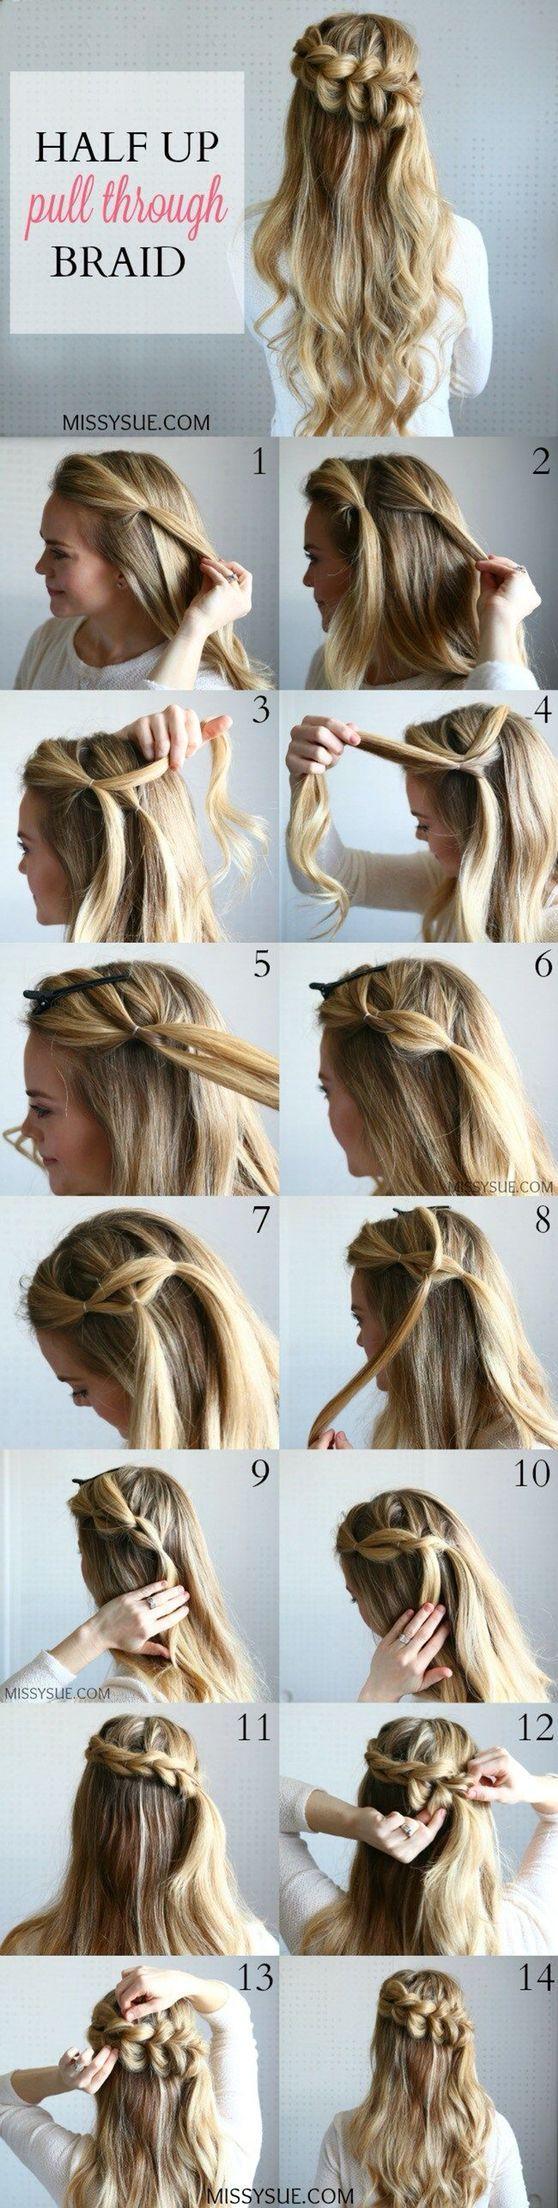 Derfrisuren.top Hair Tutorials : Pull through braid tutorials through pull Hair braid